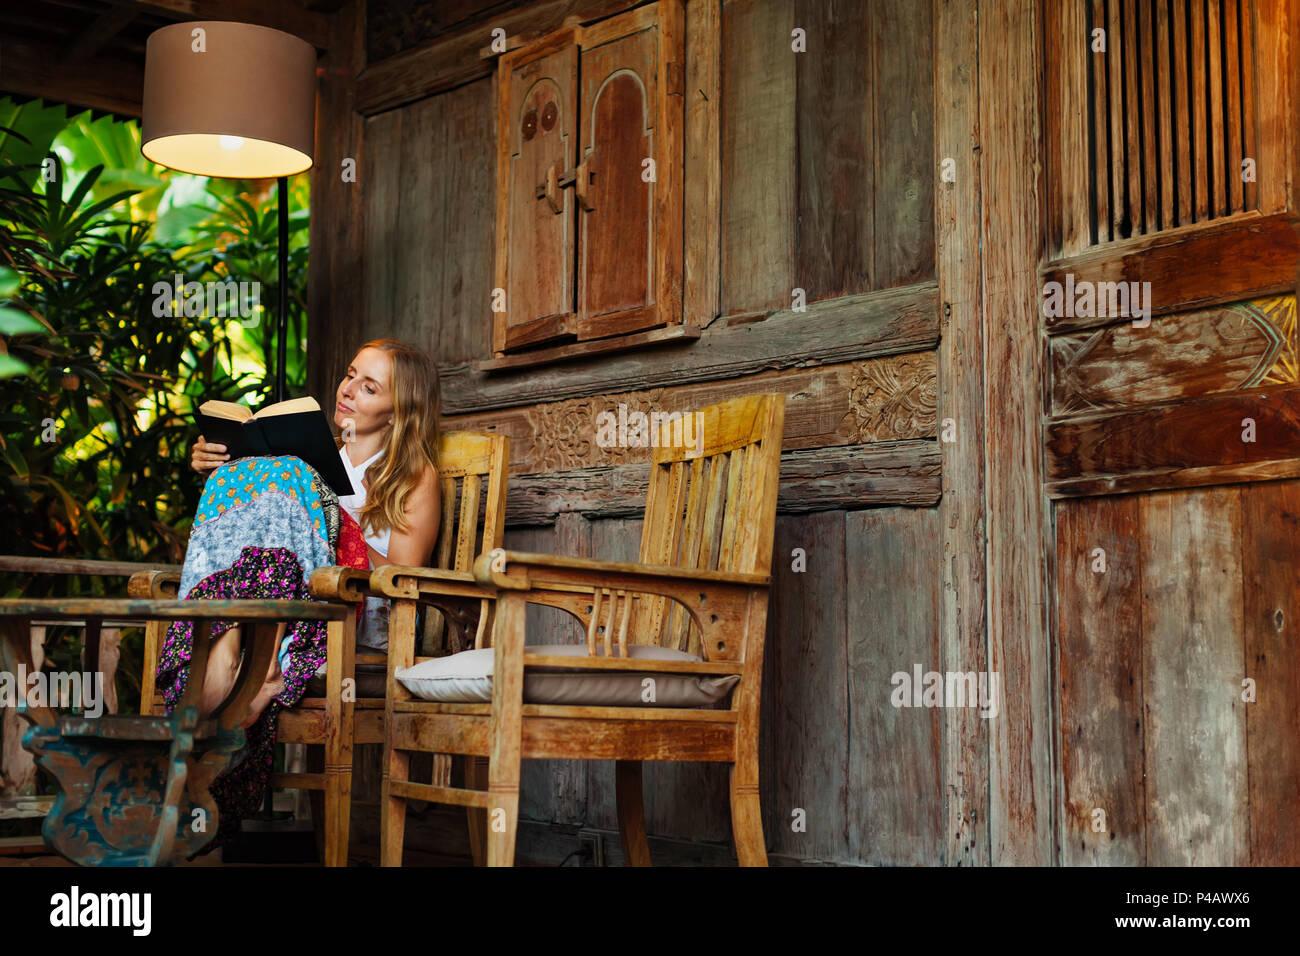 Attraktives Mädchen sitzen auf der Veranda des Bungalows mit tropischem Gartenblick, Romanze in Papier Buch lesen. Junge Frau, die sich in Luxus Villa Stockfoto